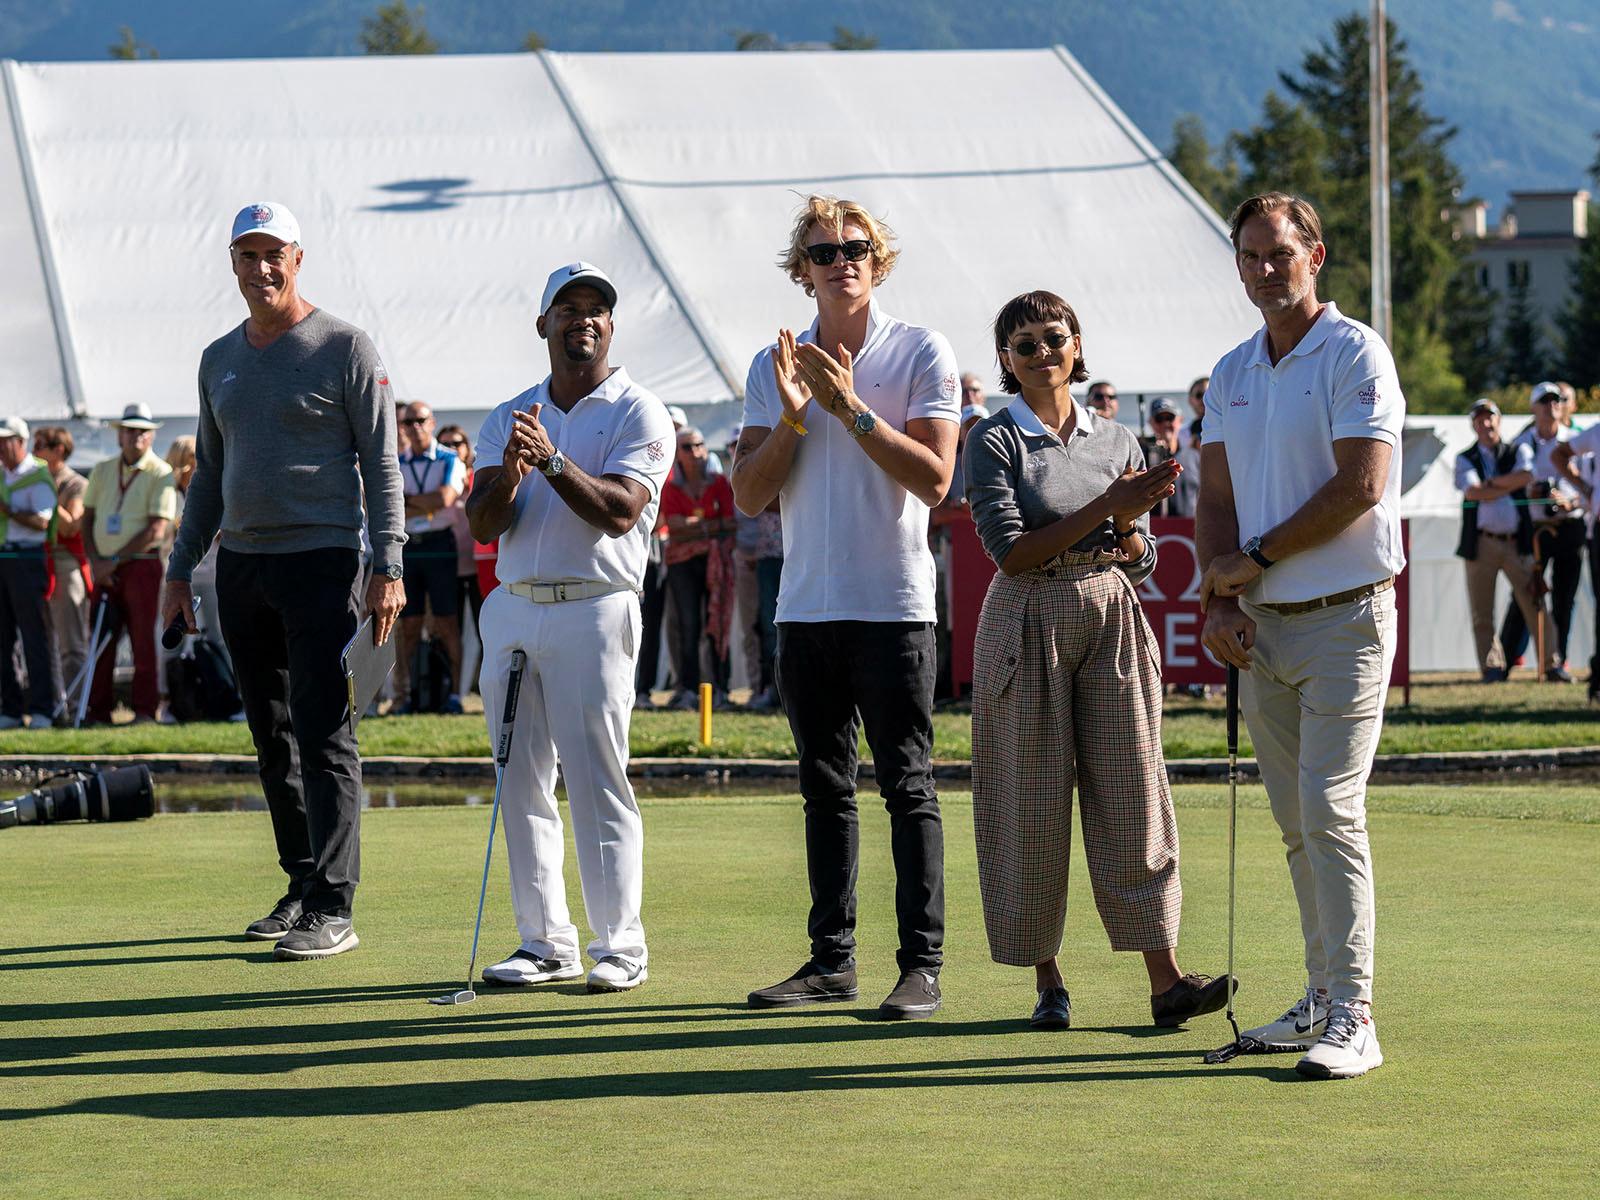 庆祝欧米茄高尔夫名人大师赛成功举办 - 滑动 1 - 56291